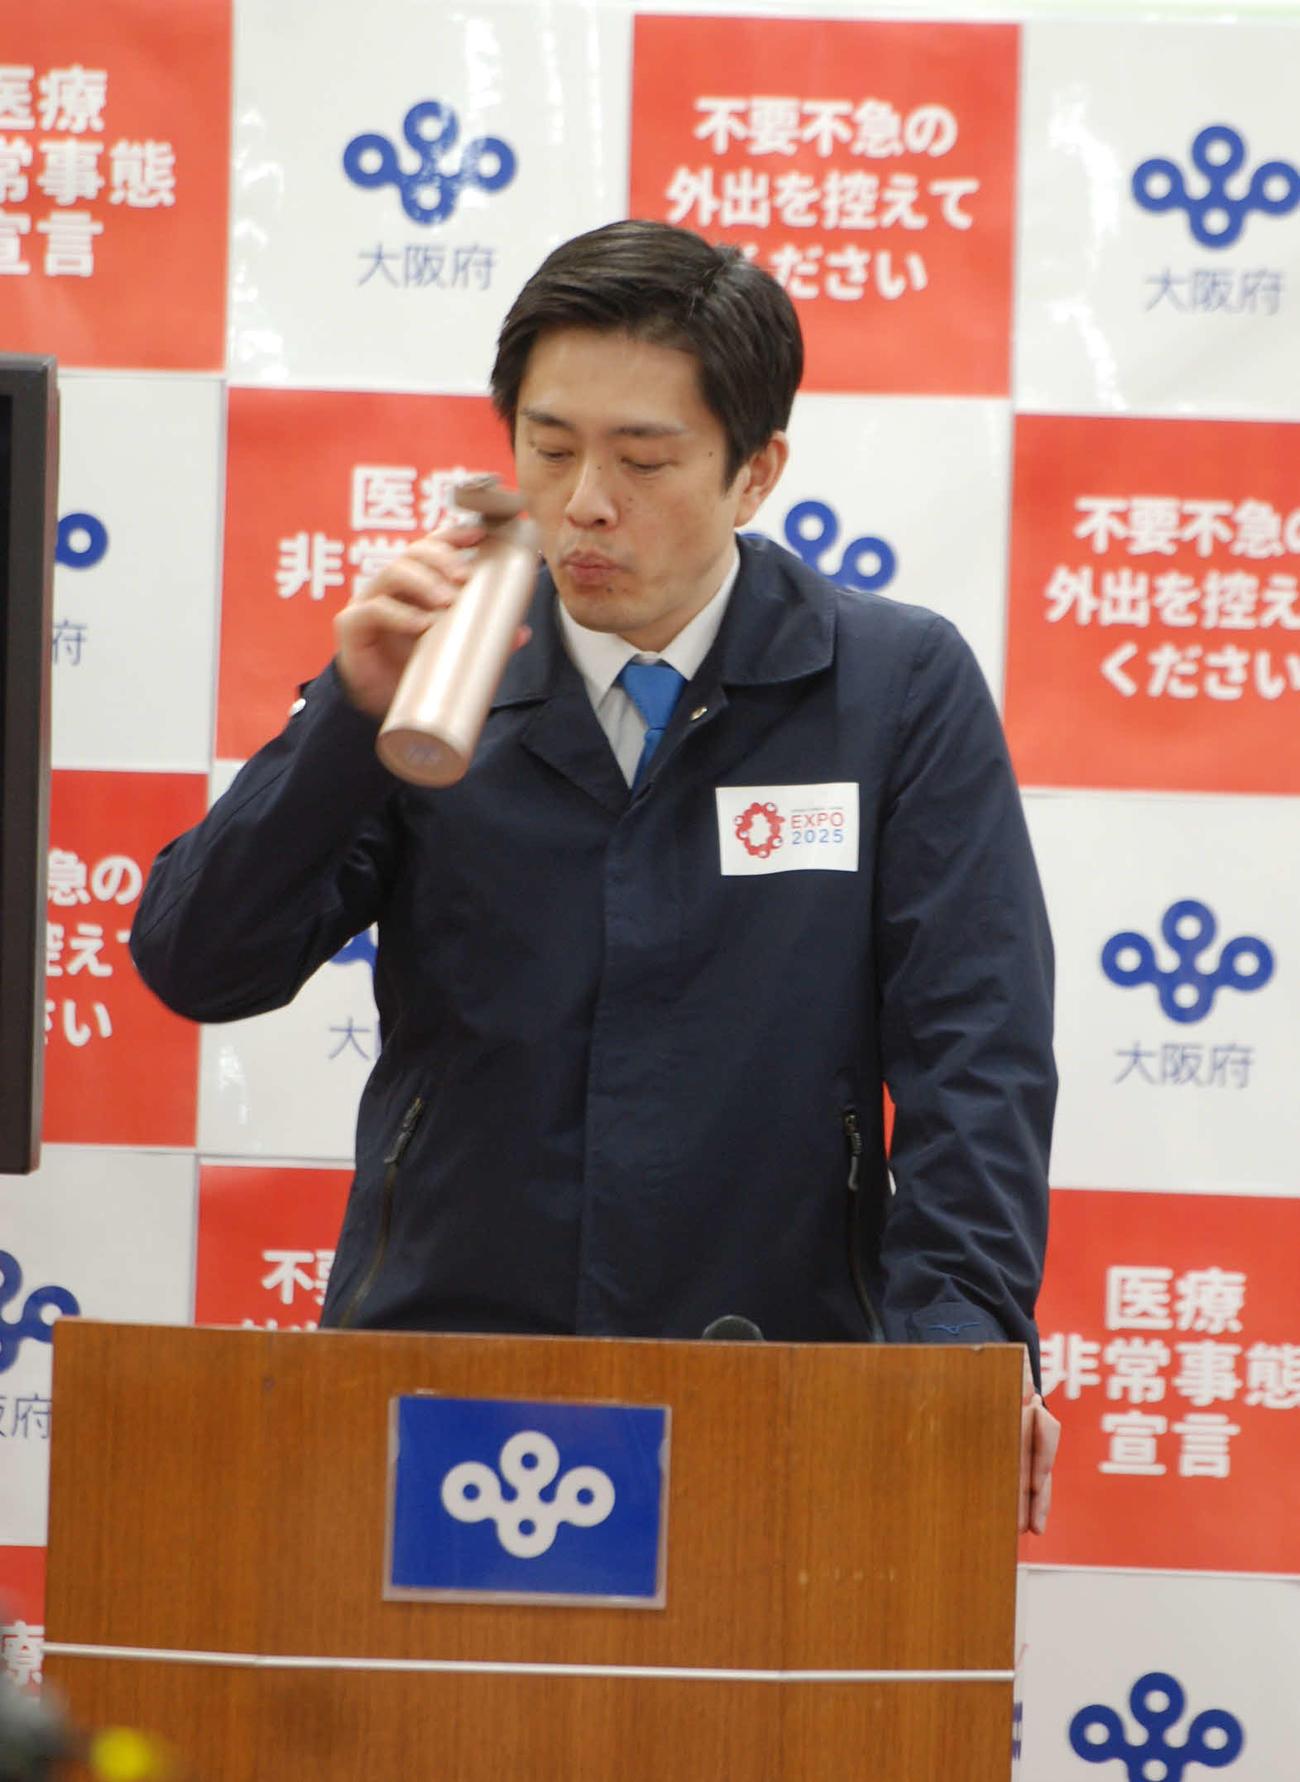 記者会見で一服する大阪府の吉村洋文知事(撮影・松浦隆司)